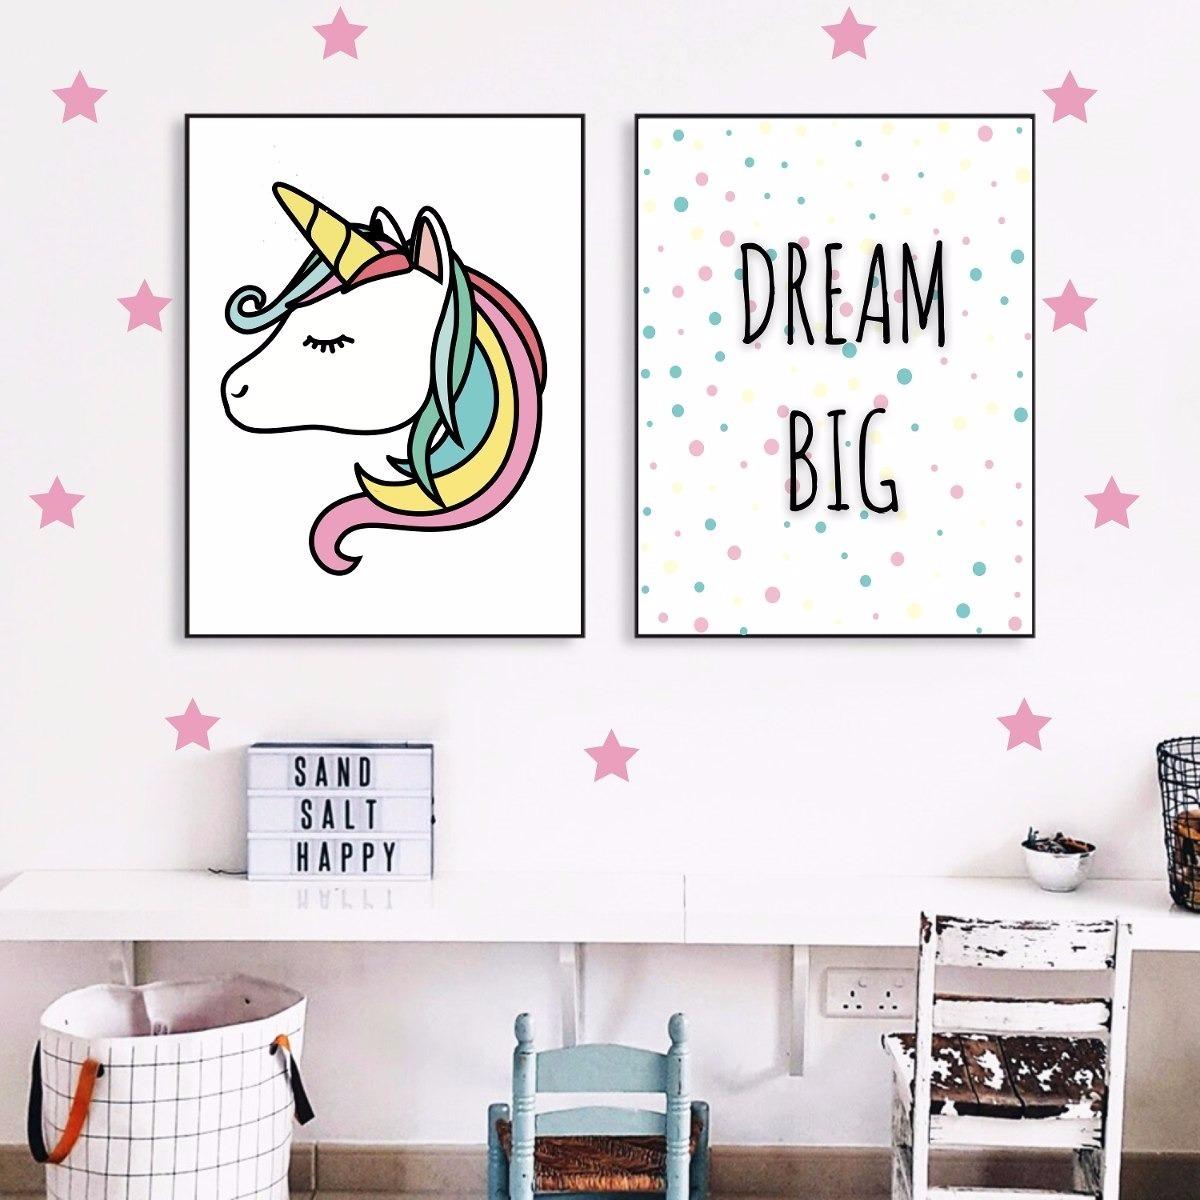 Cuadros Personalizados - Unicornio Dream - S/ 30,00 en Mercado Libre